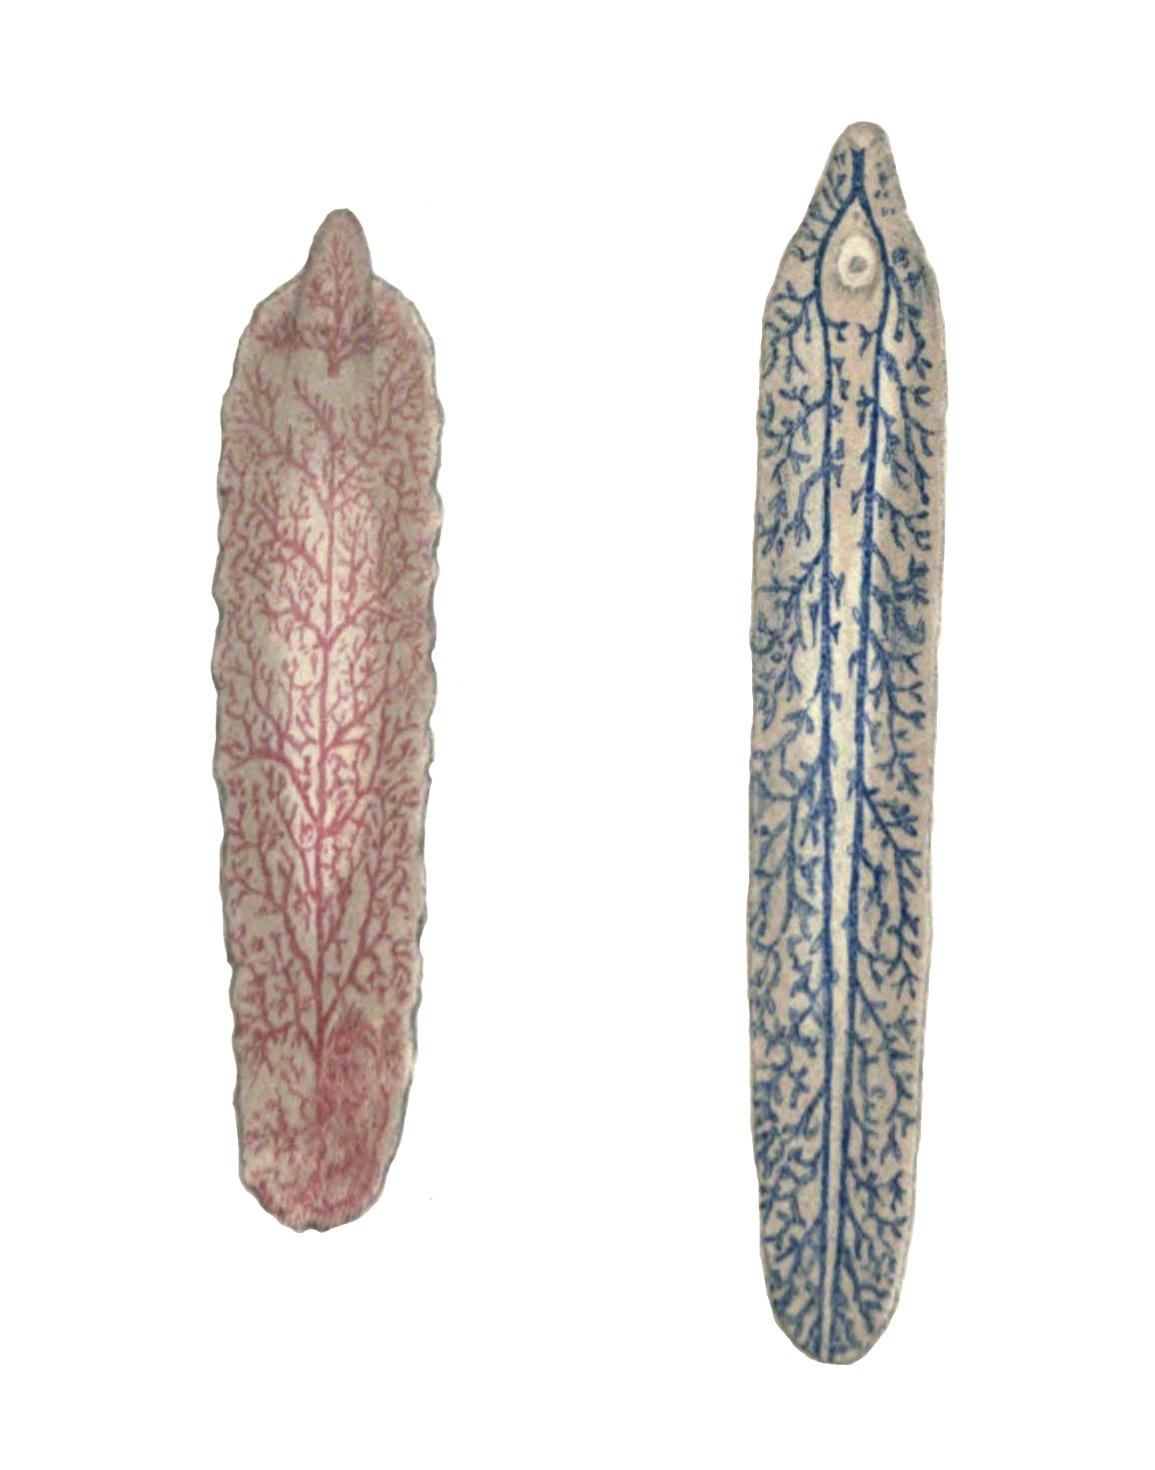 Image of <i>Fasciola gigantica</i> Cobbold 1855